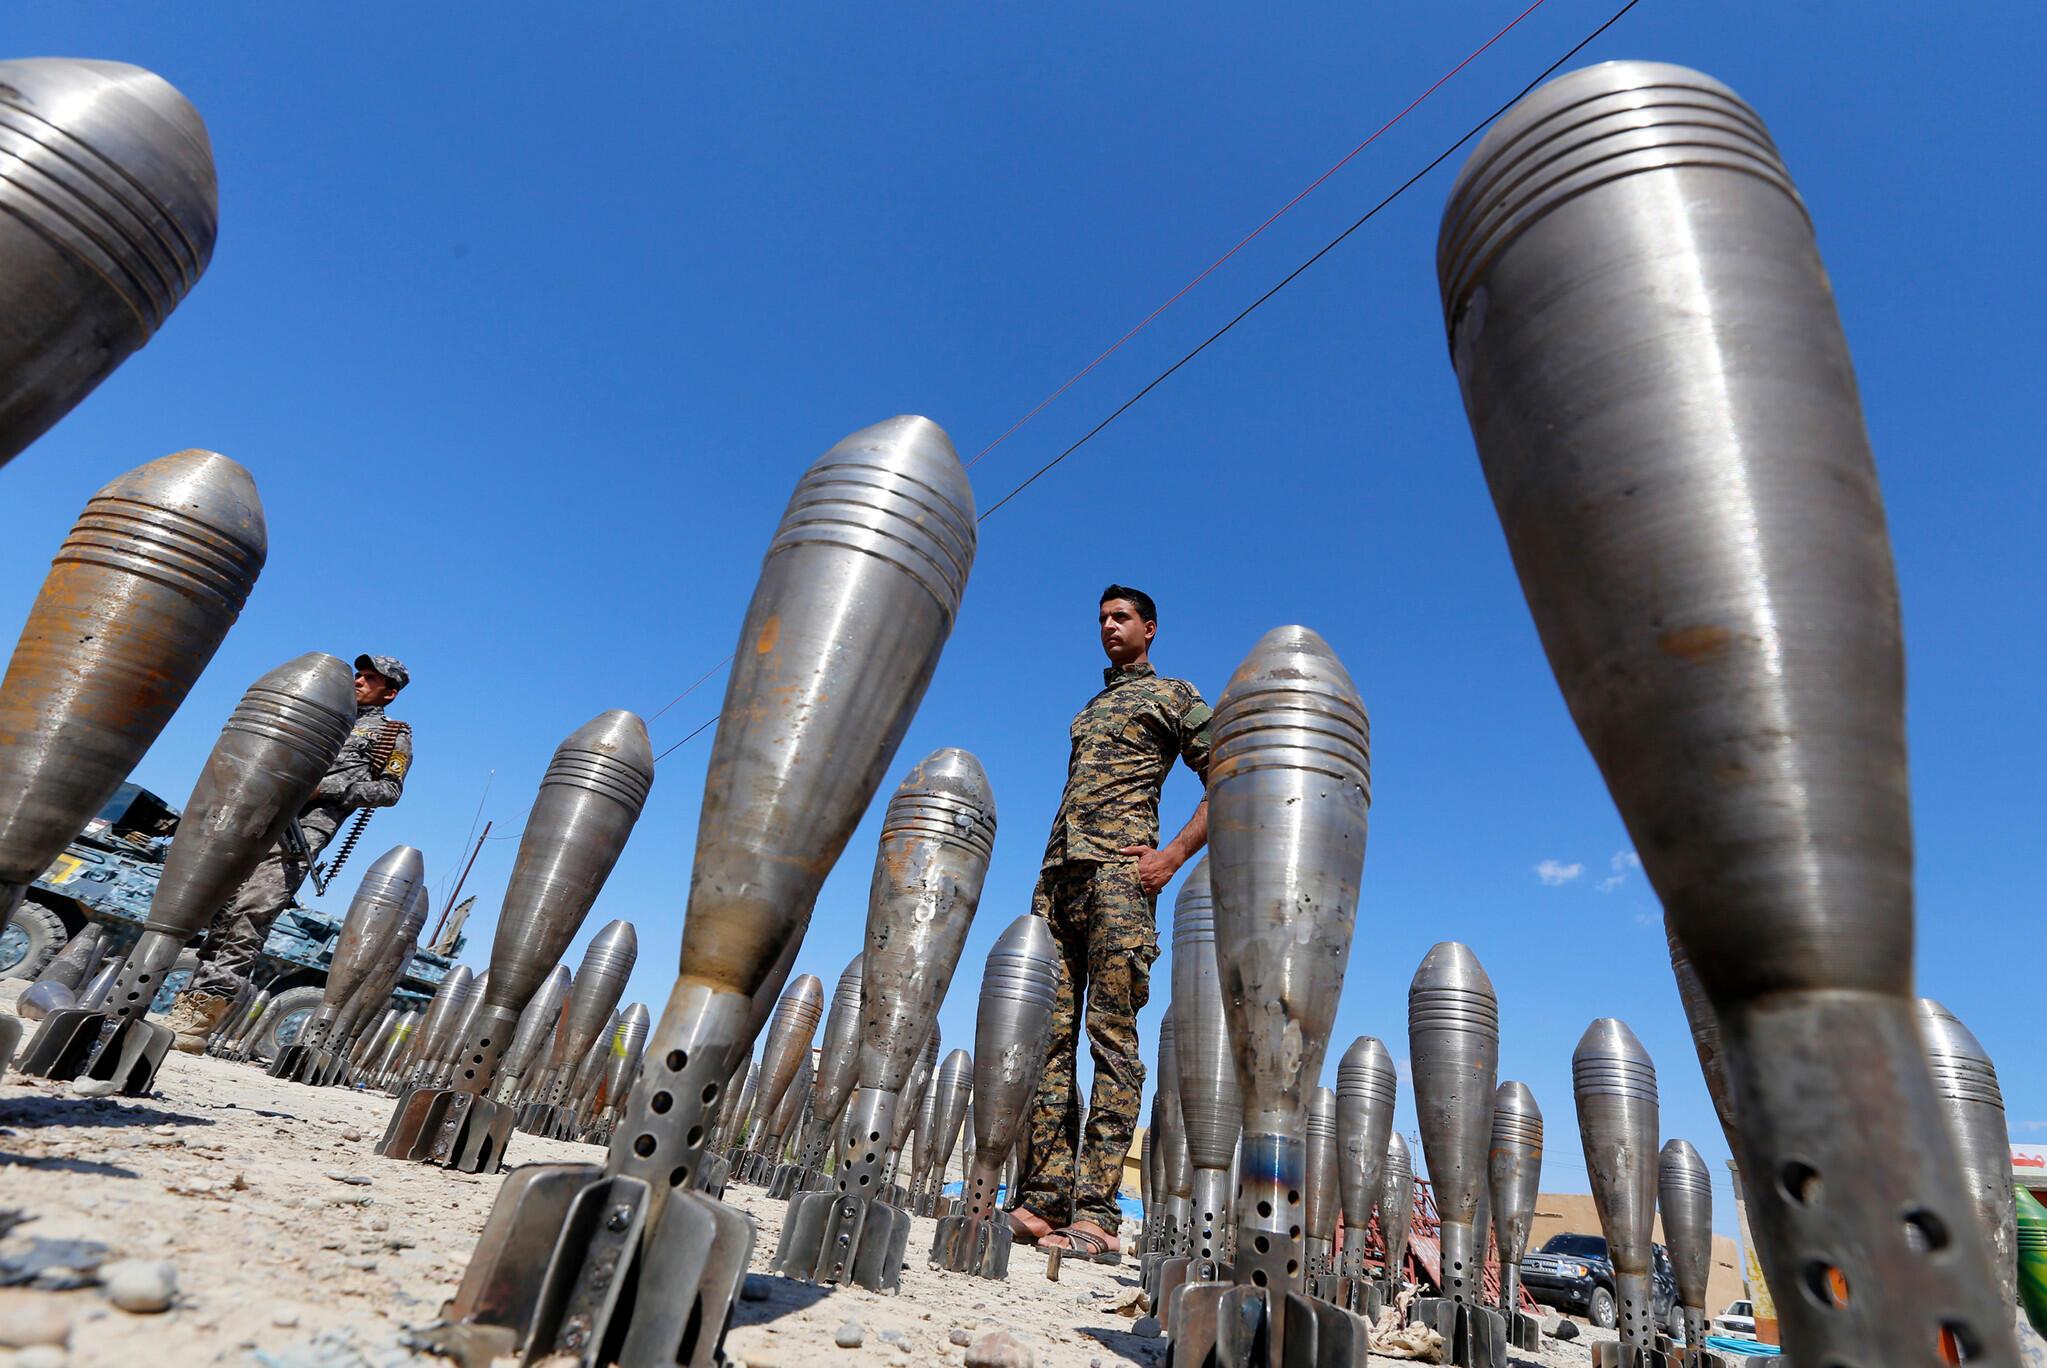 Un militar iraquí vigila municiones del grupo Estado Islámico, decomisadas en la provincia de Al-Alam, Salahuddin.